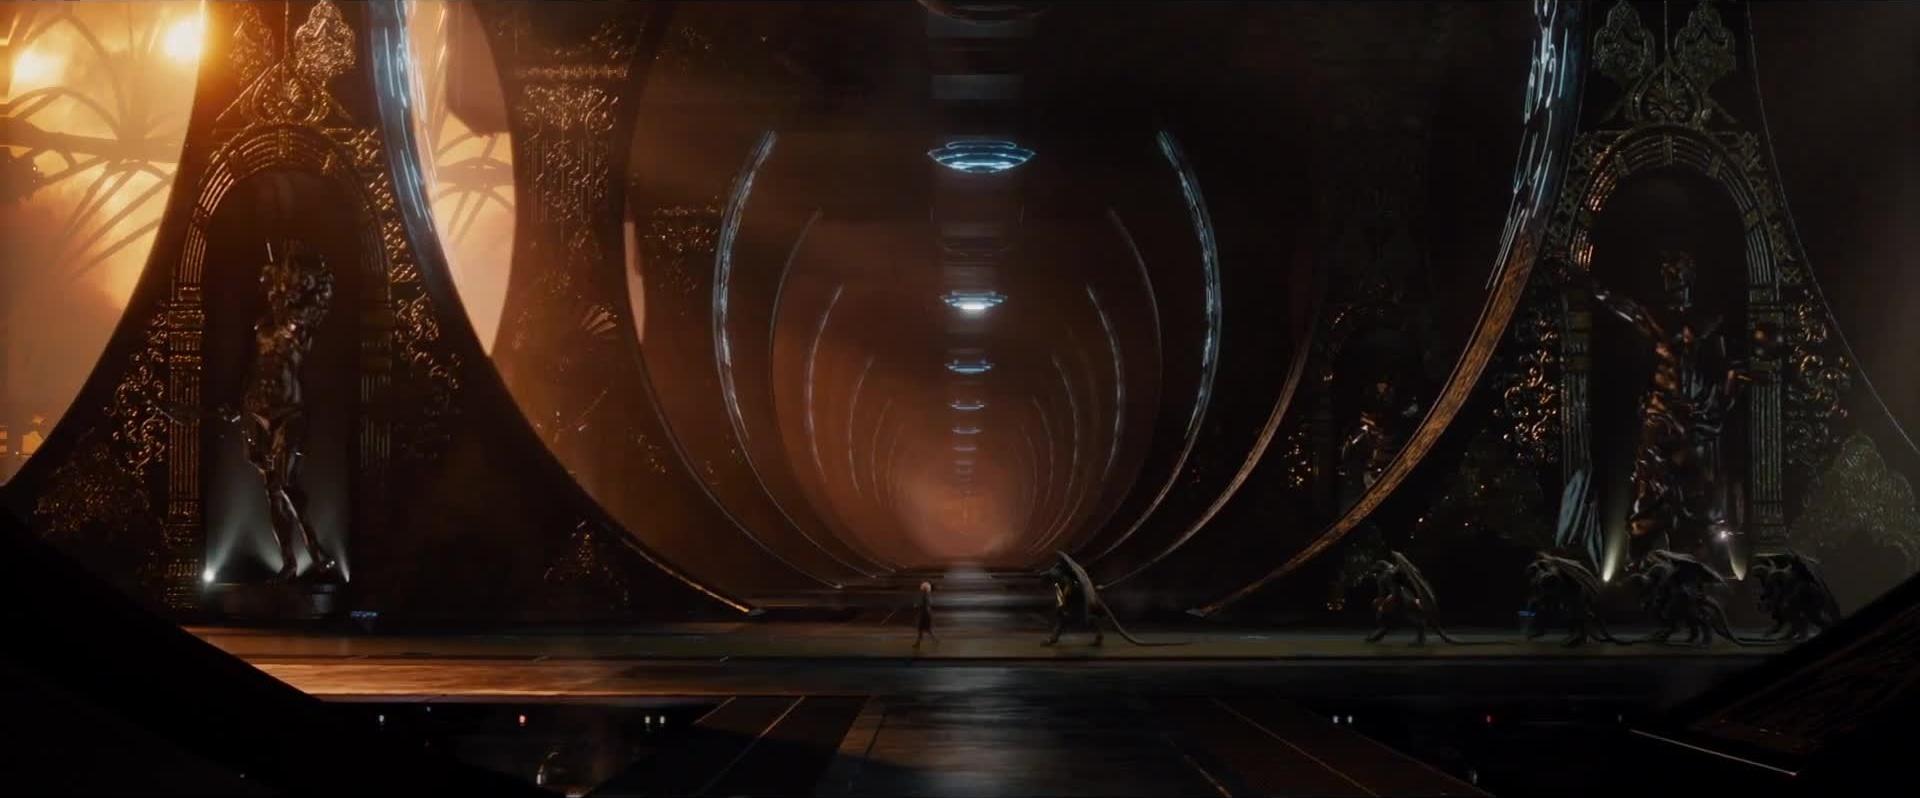 Galerie Jupiter : Le destin de l'Univers 4